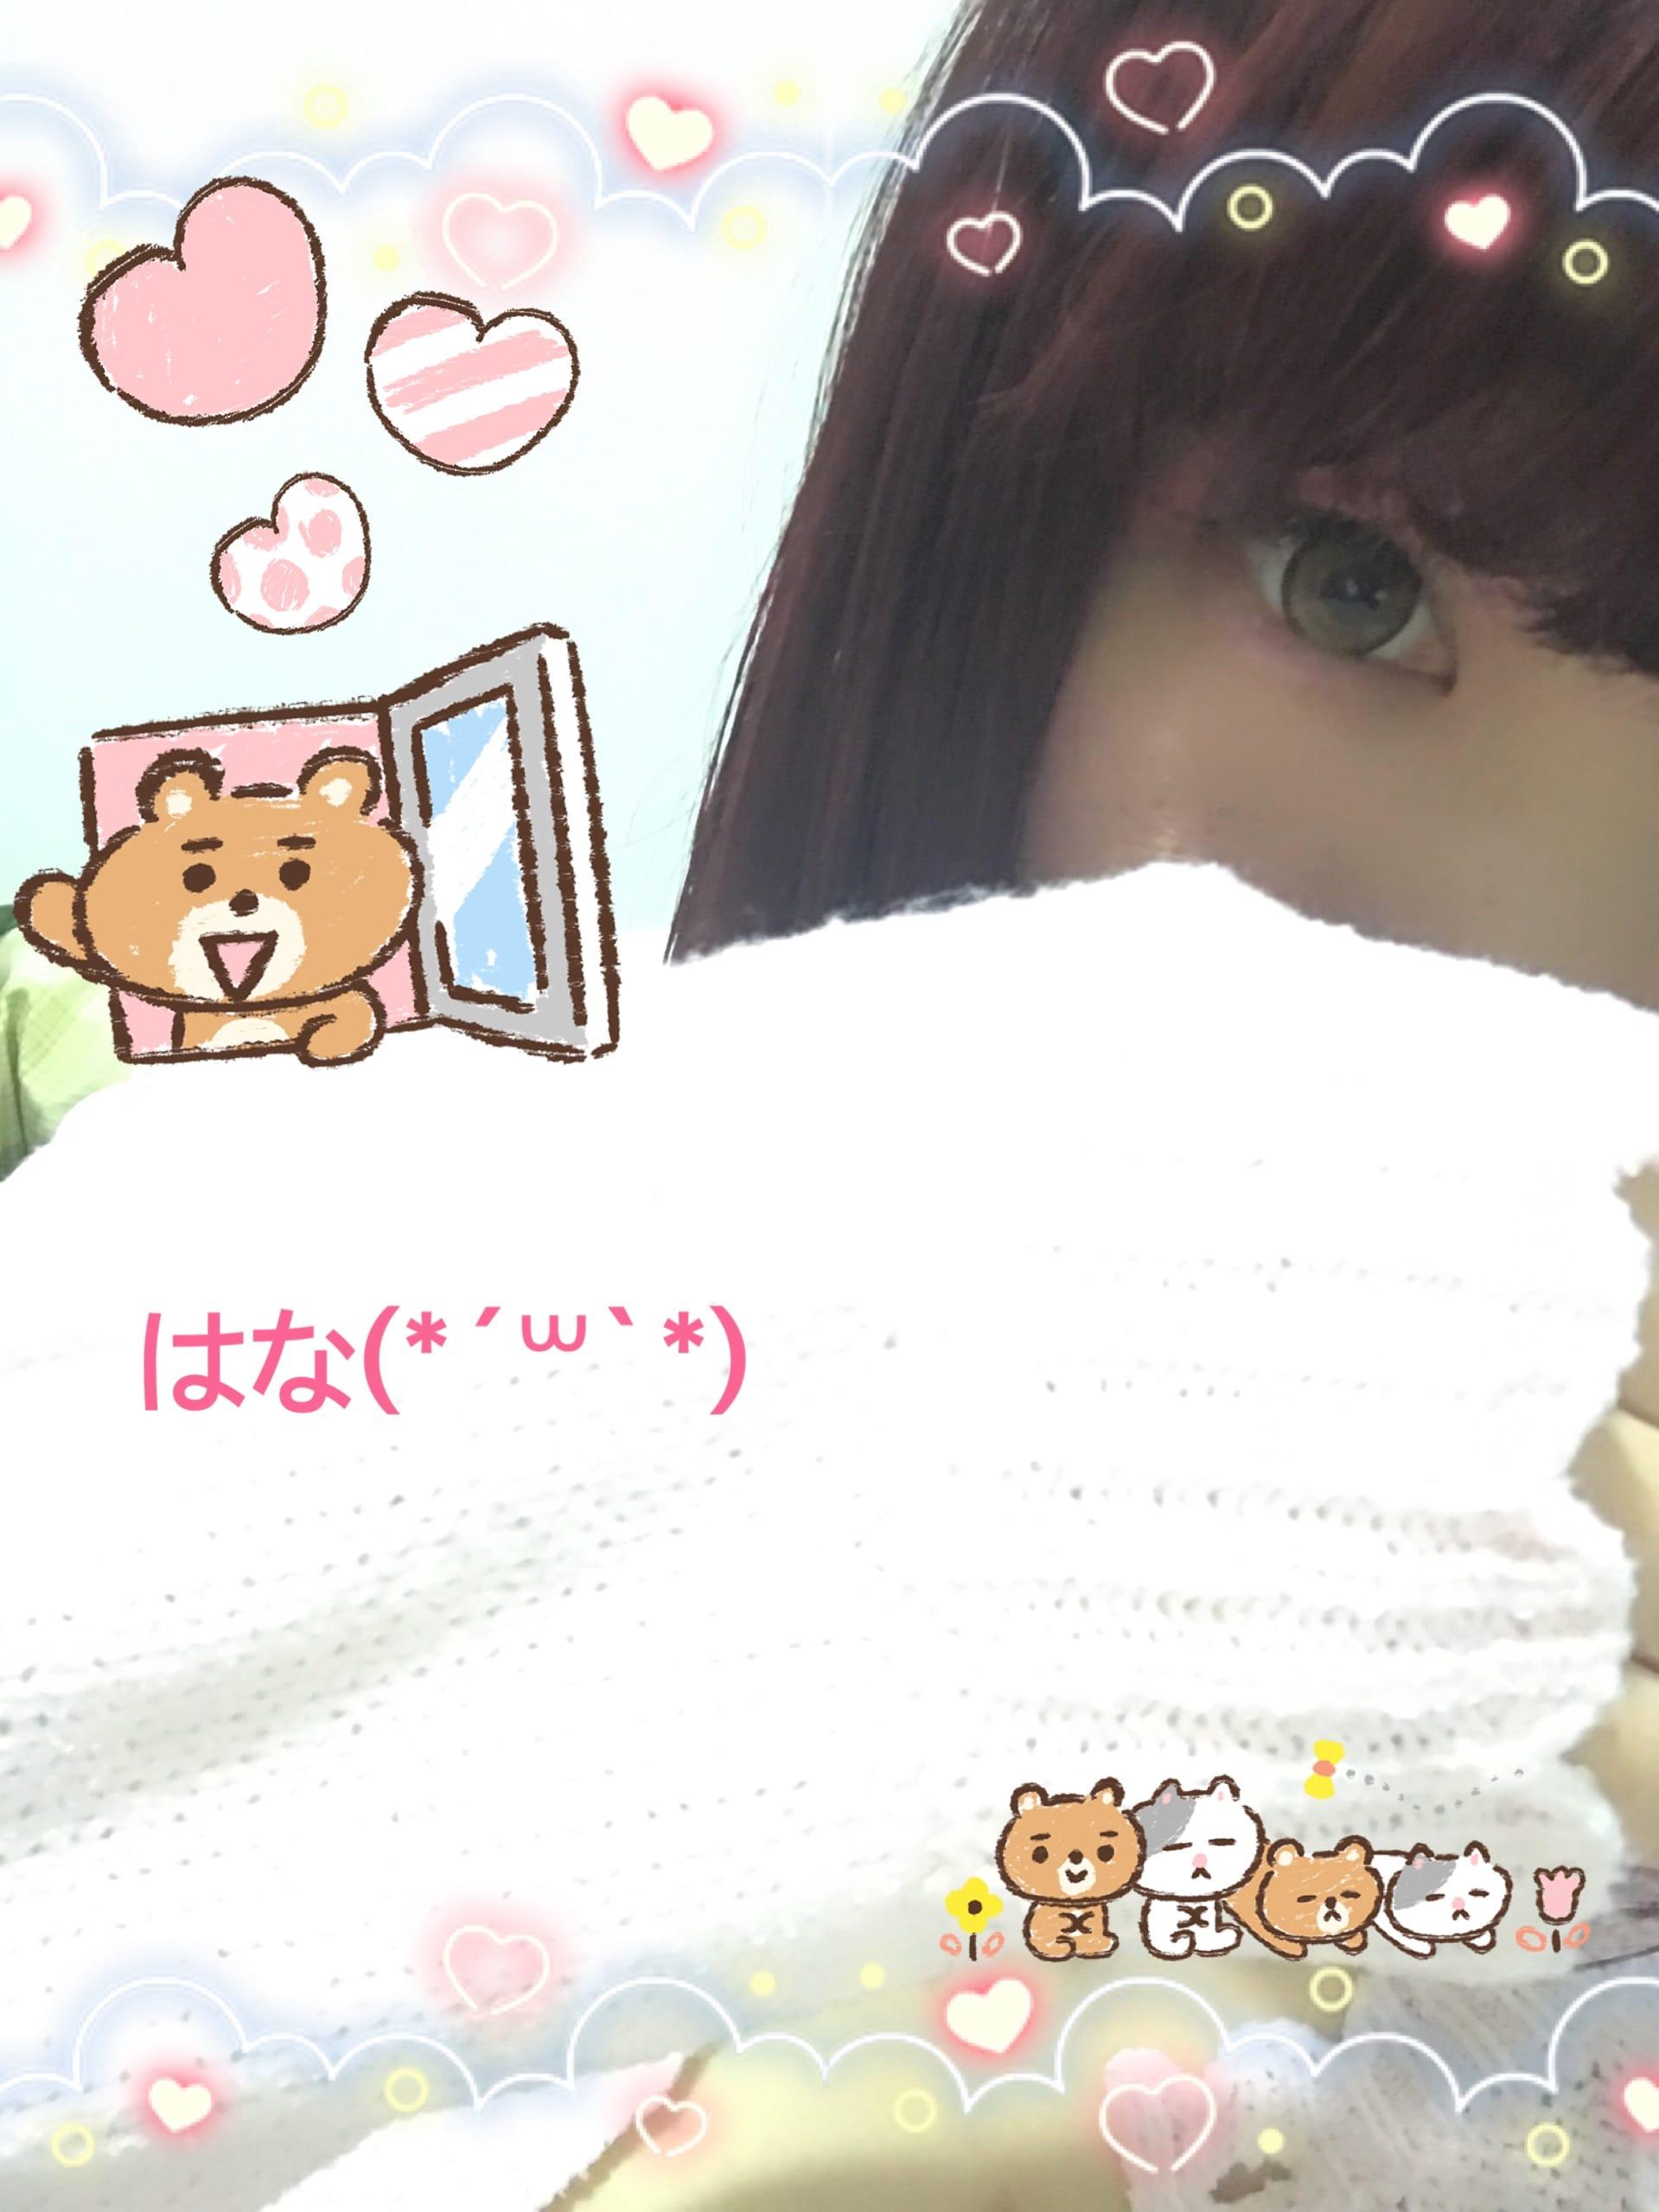 「お天気悪い…」04/25(水) 18:07 | はなの写メ・風俗動画